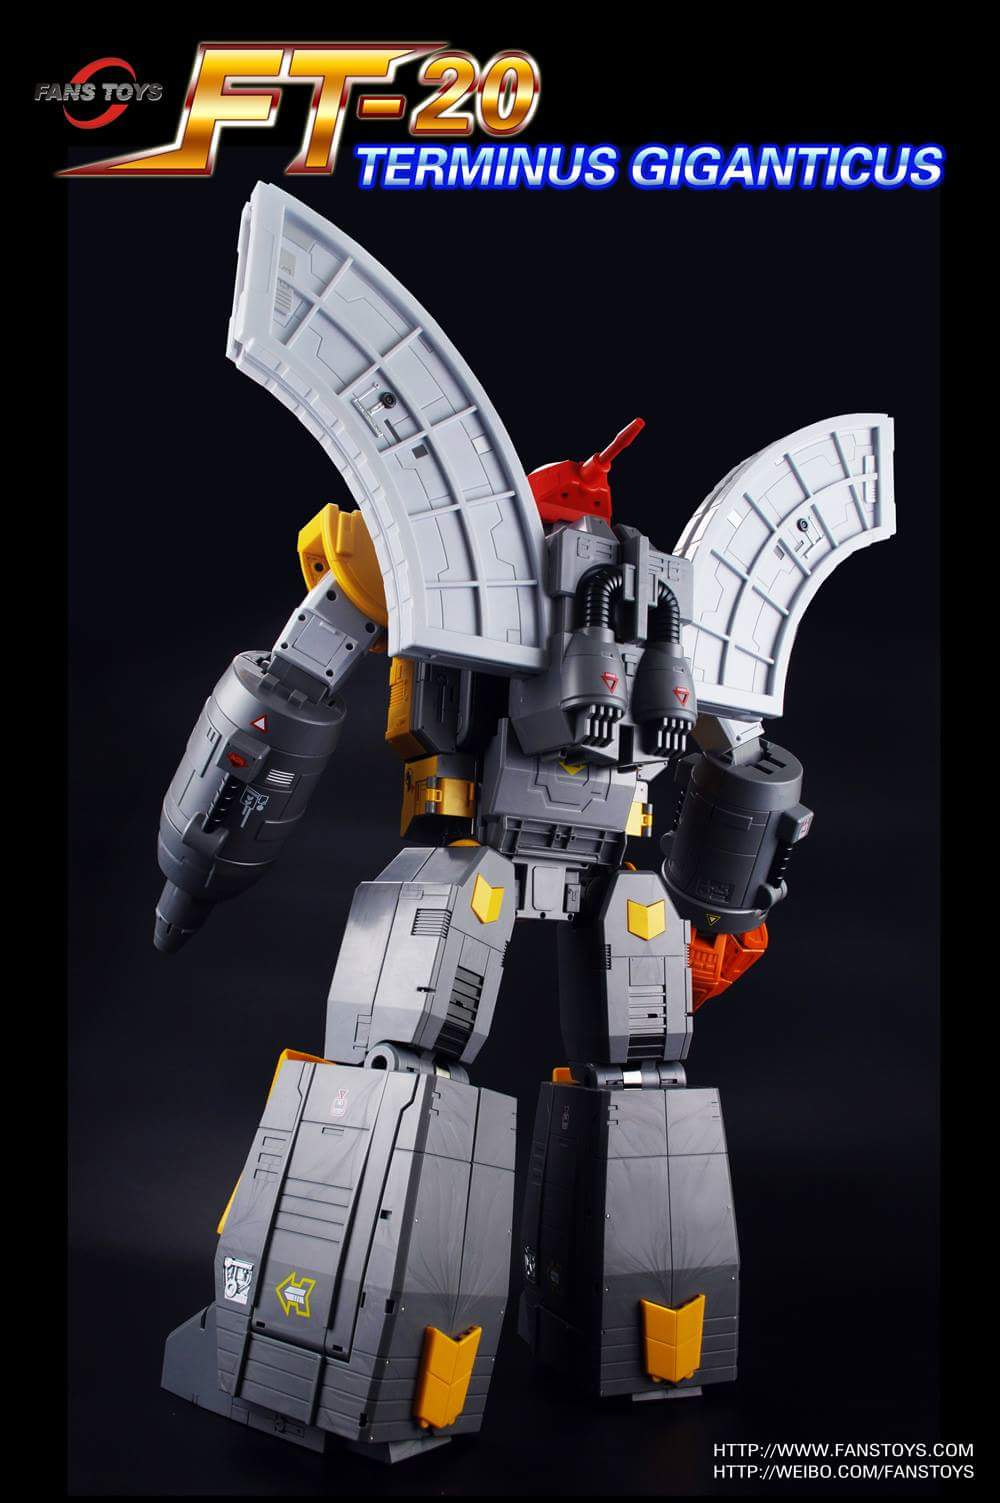 [Fanstoys] Produit Tiers - Jouets FT-20 et FT-20G Terminus Giganticus - aka Oméga Suprême et Omega Sentinel (Gardien de Cybertron) - Page 2 ENQBueKH